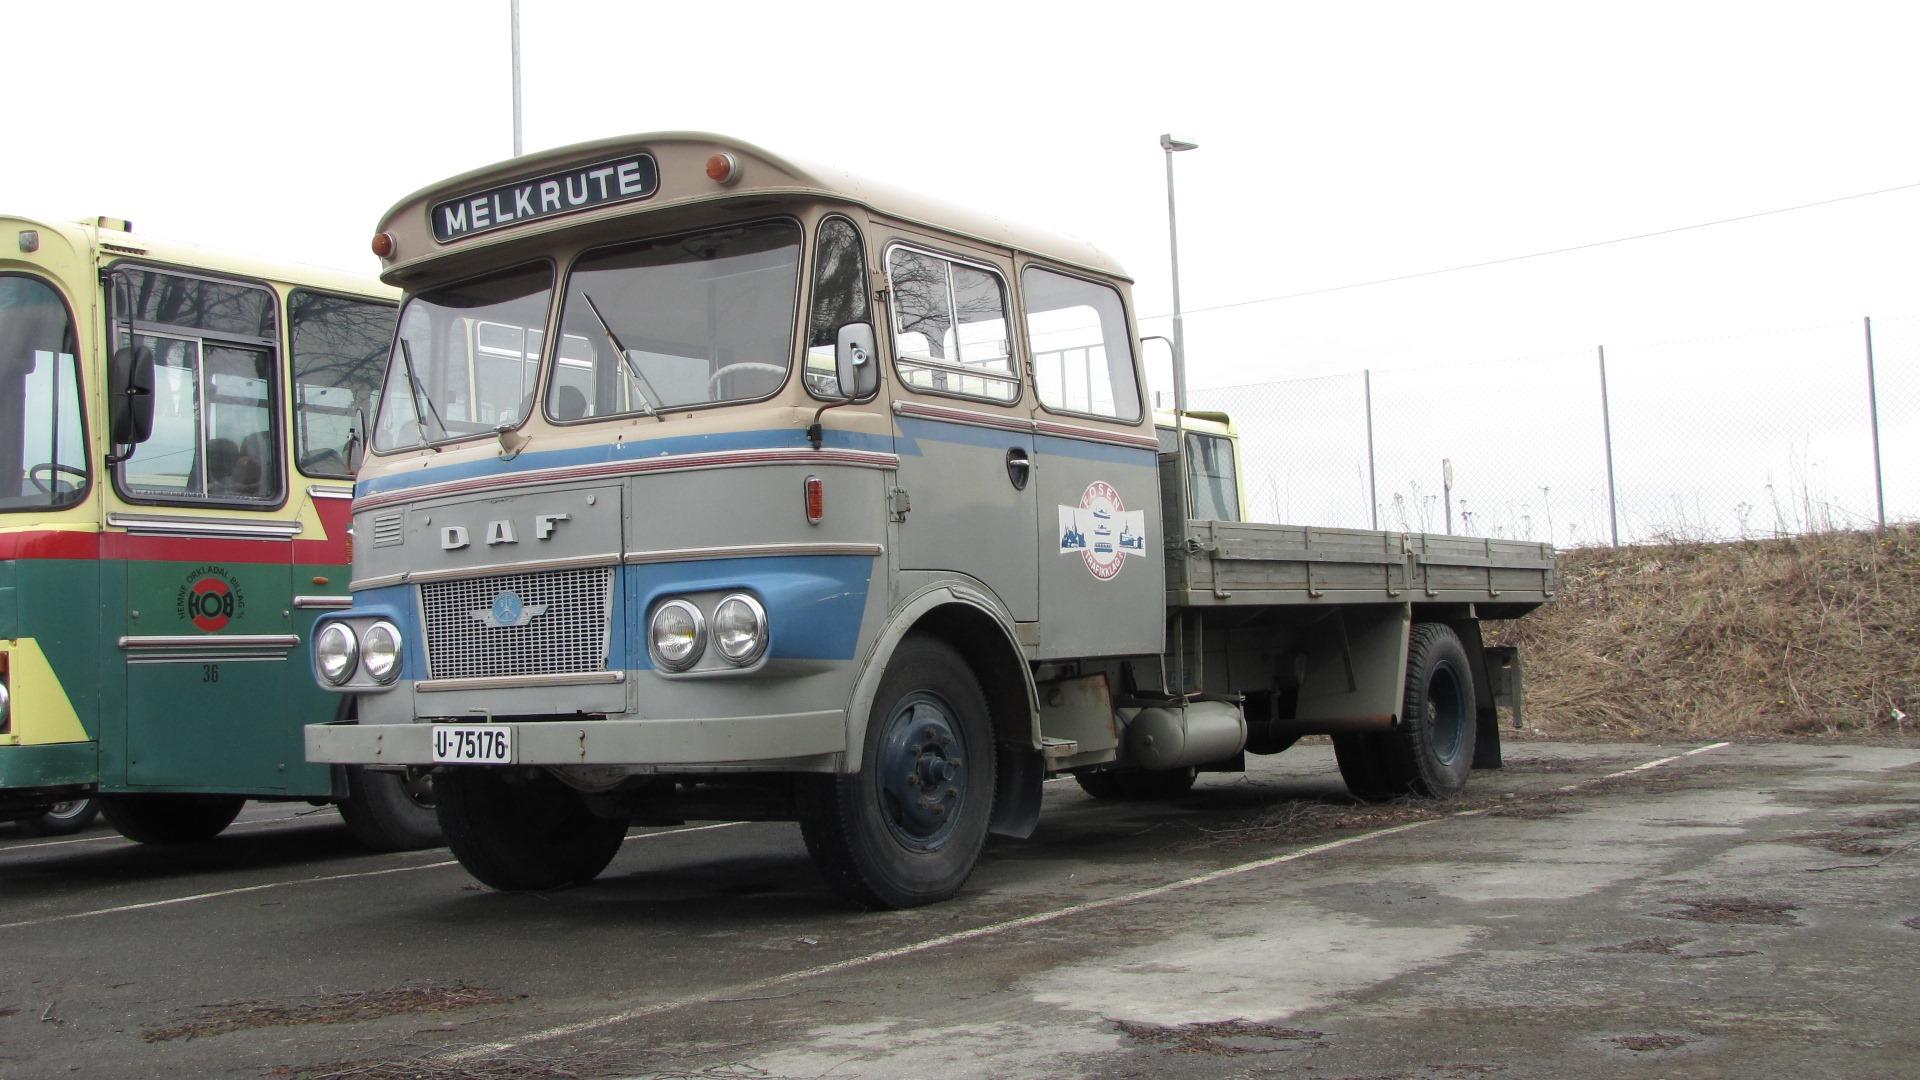 Daf-Schoolbus-en-melkvervoer-in-Noorwegen-(5)